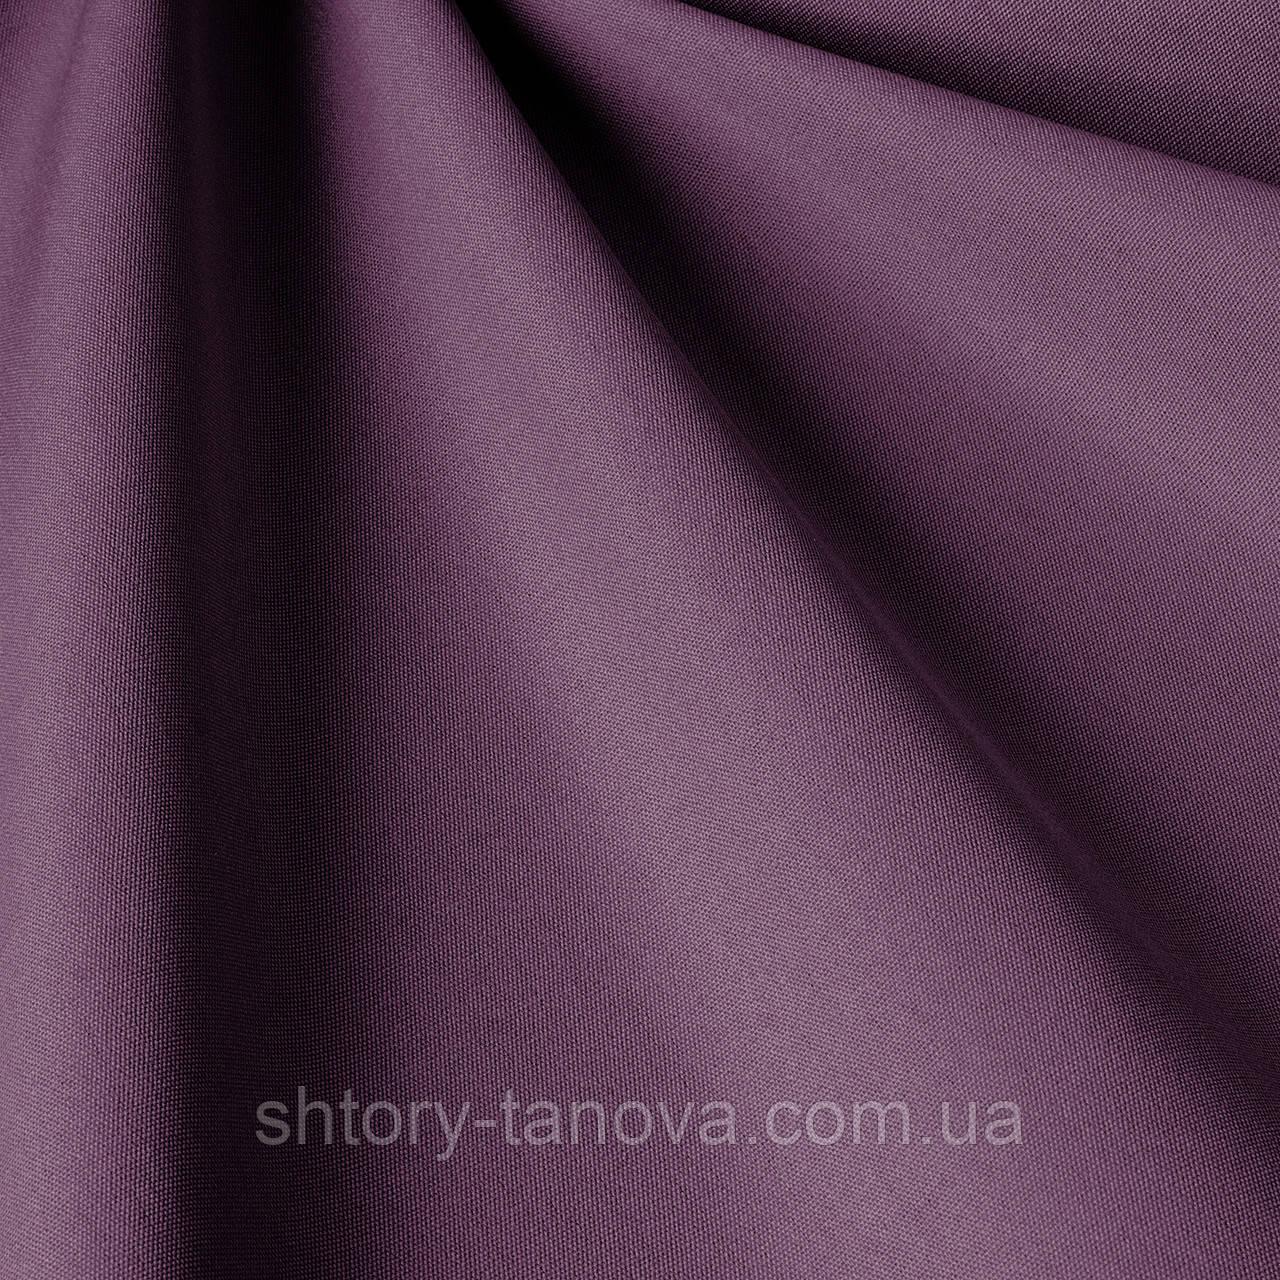 Однотонна тканина для вулиці темно-фіолетового кольору